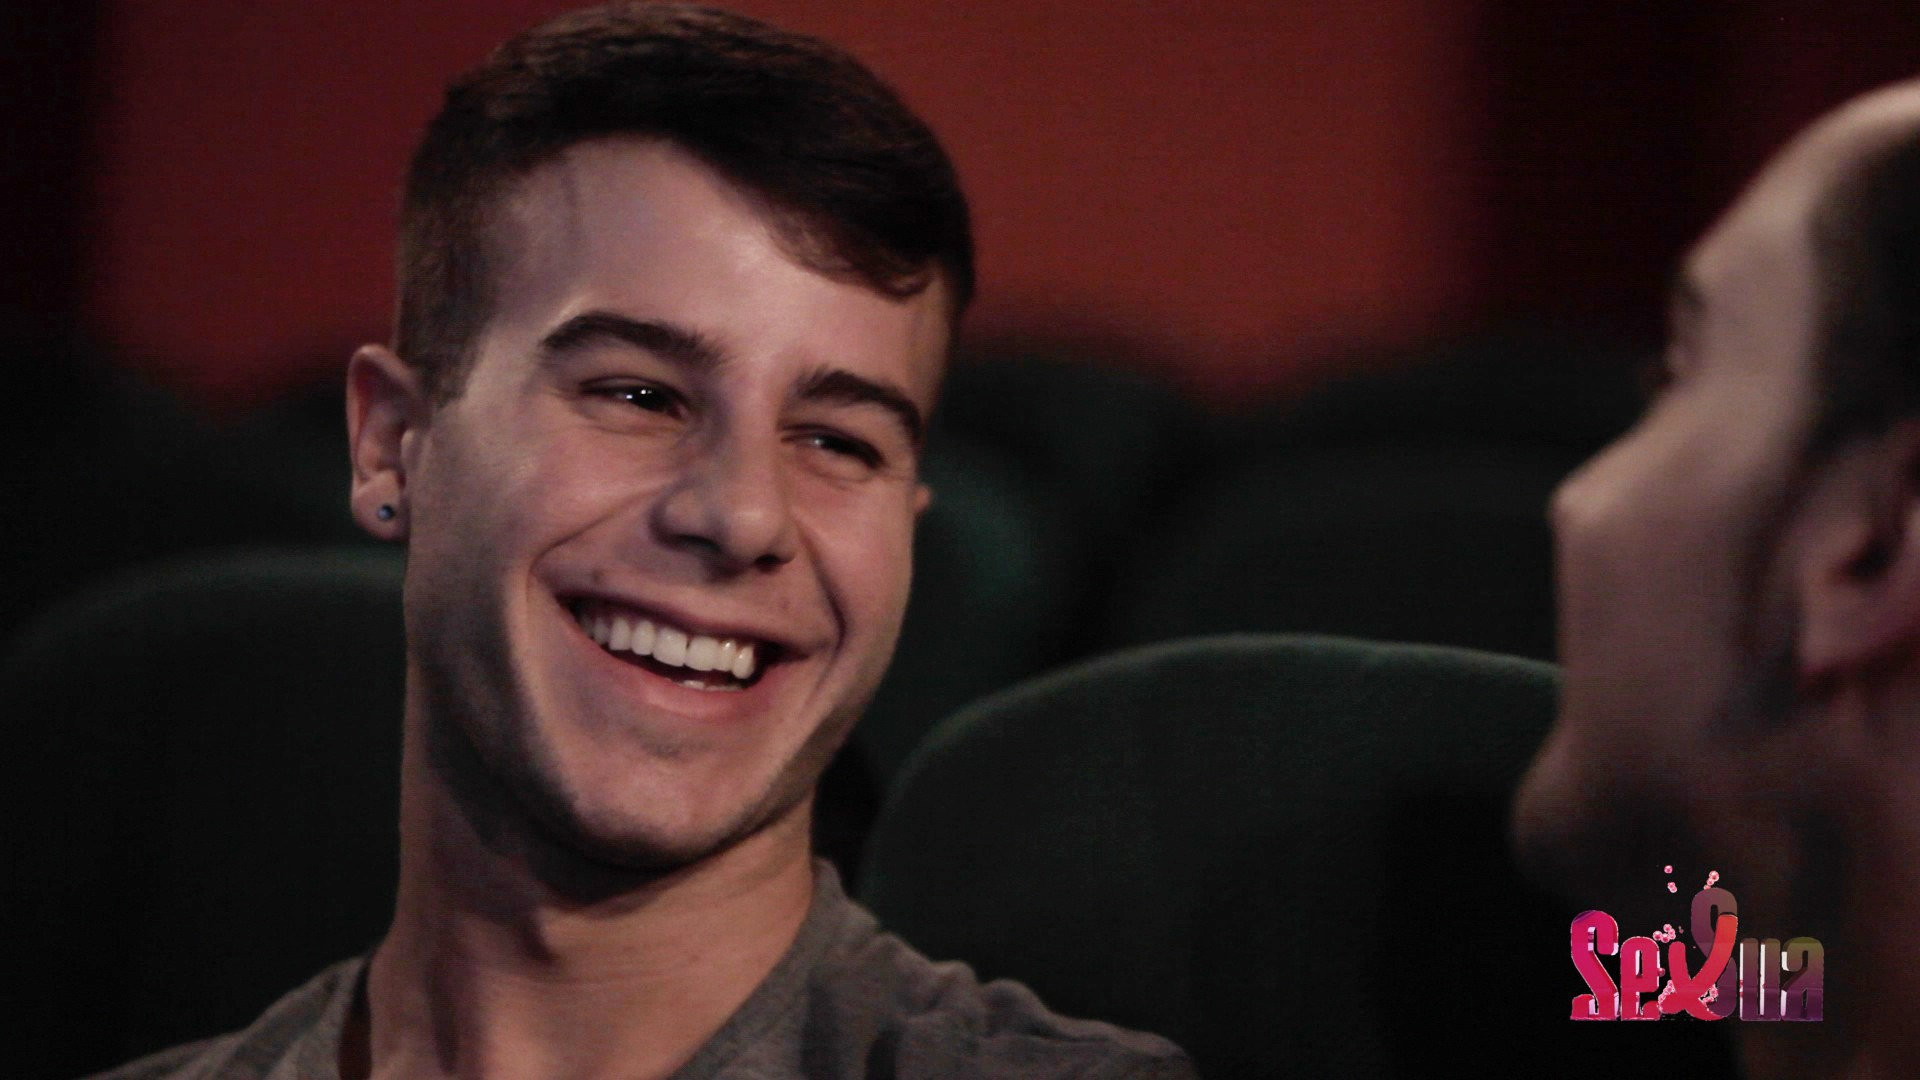 Actores Porno Esloveno Gays vídeo: entrevista a allen king, mejor actor porno gay de